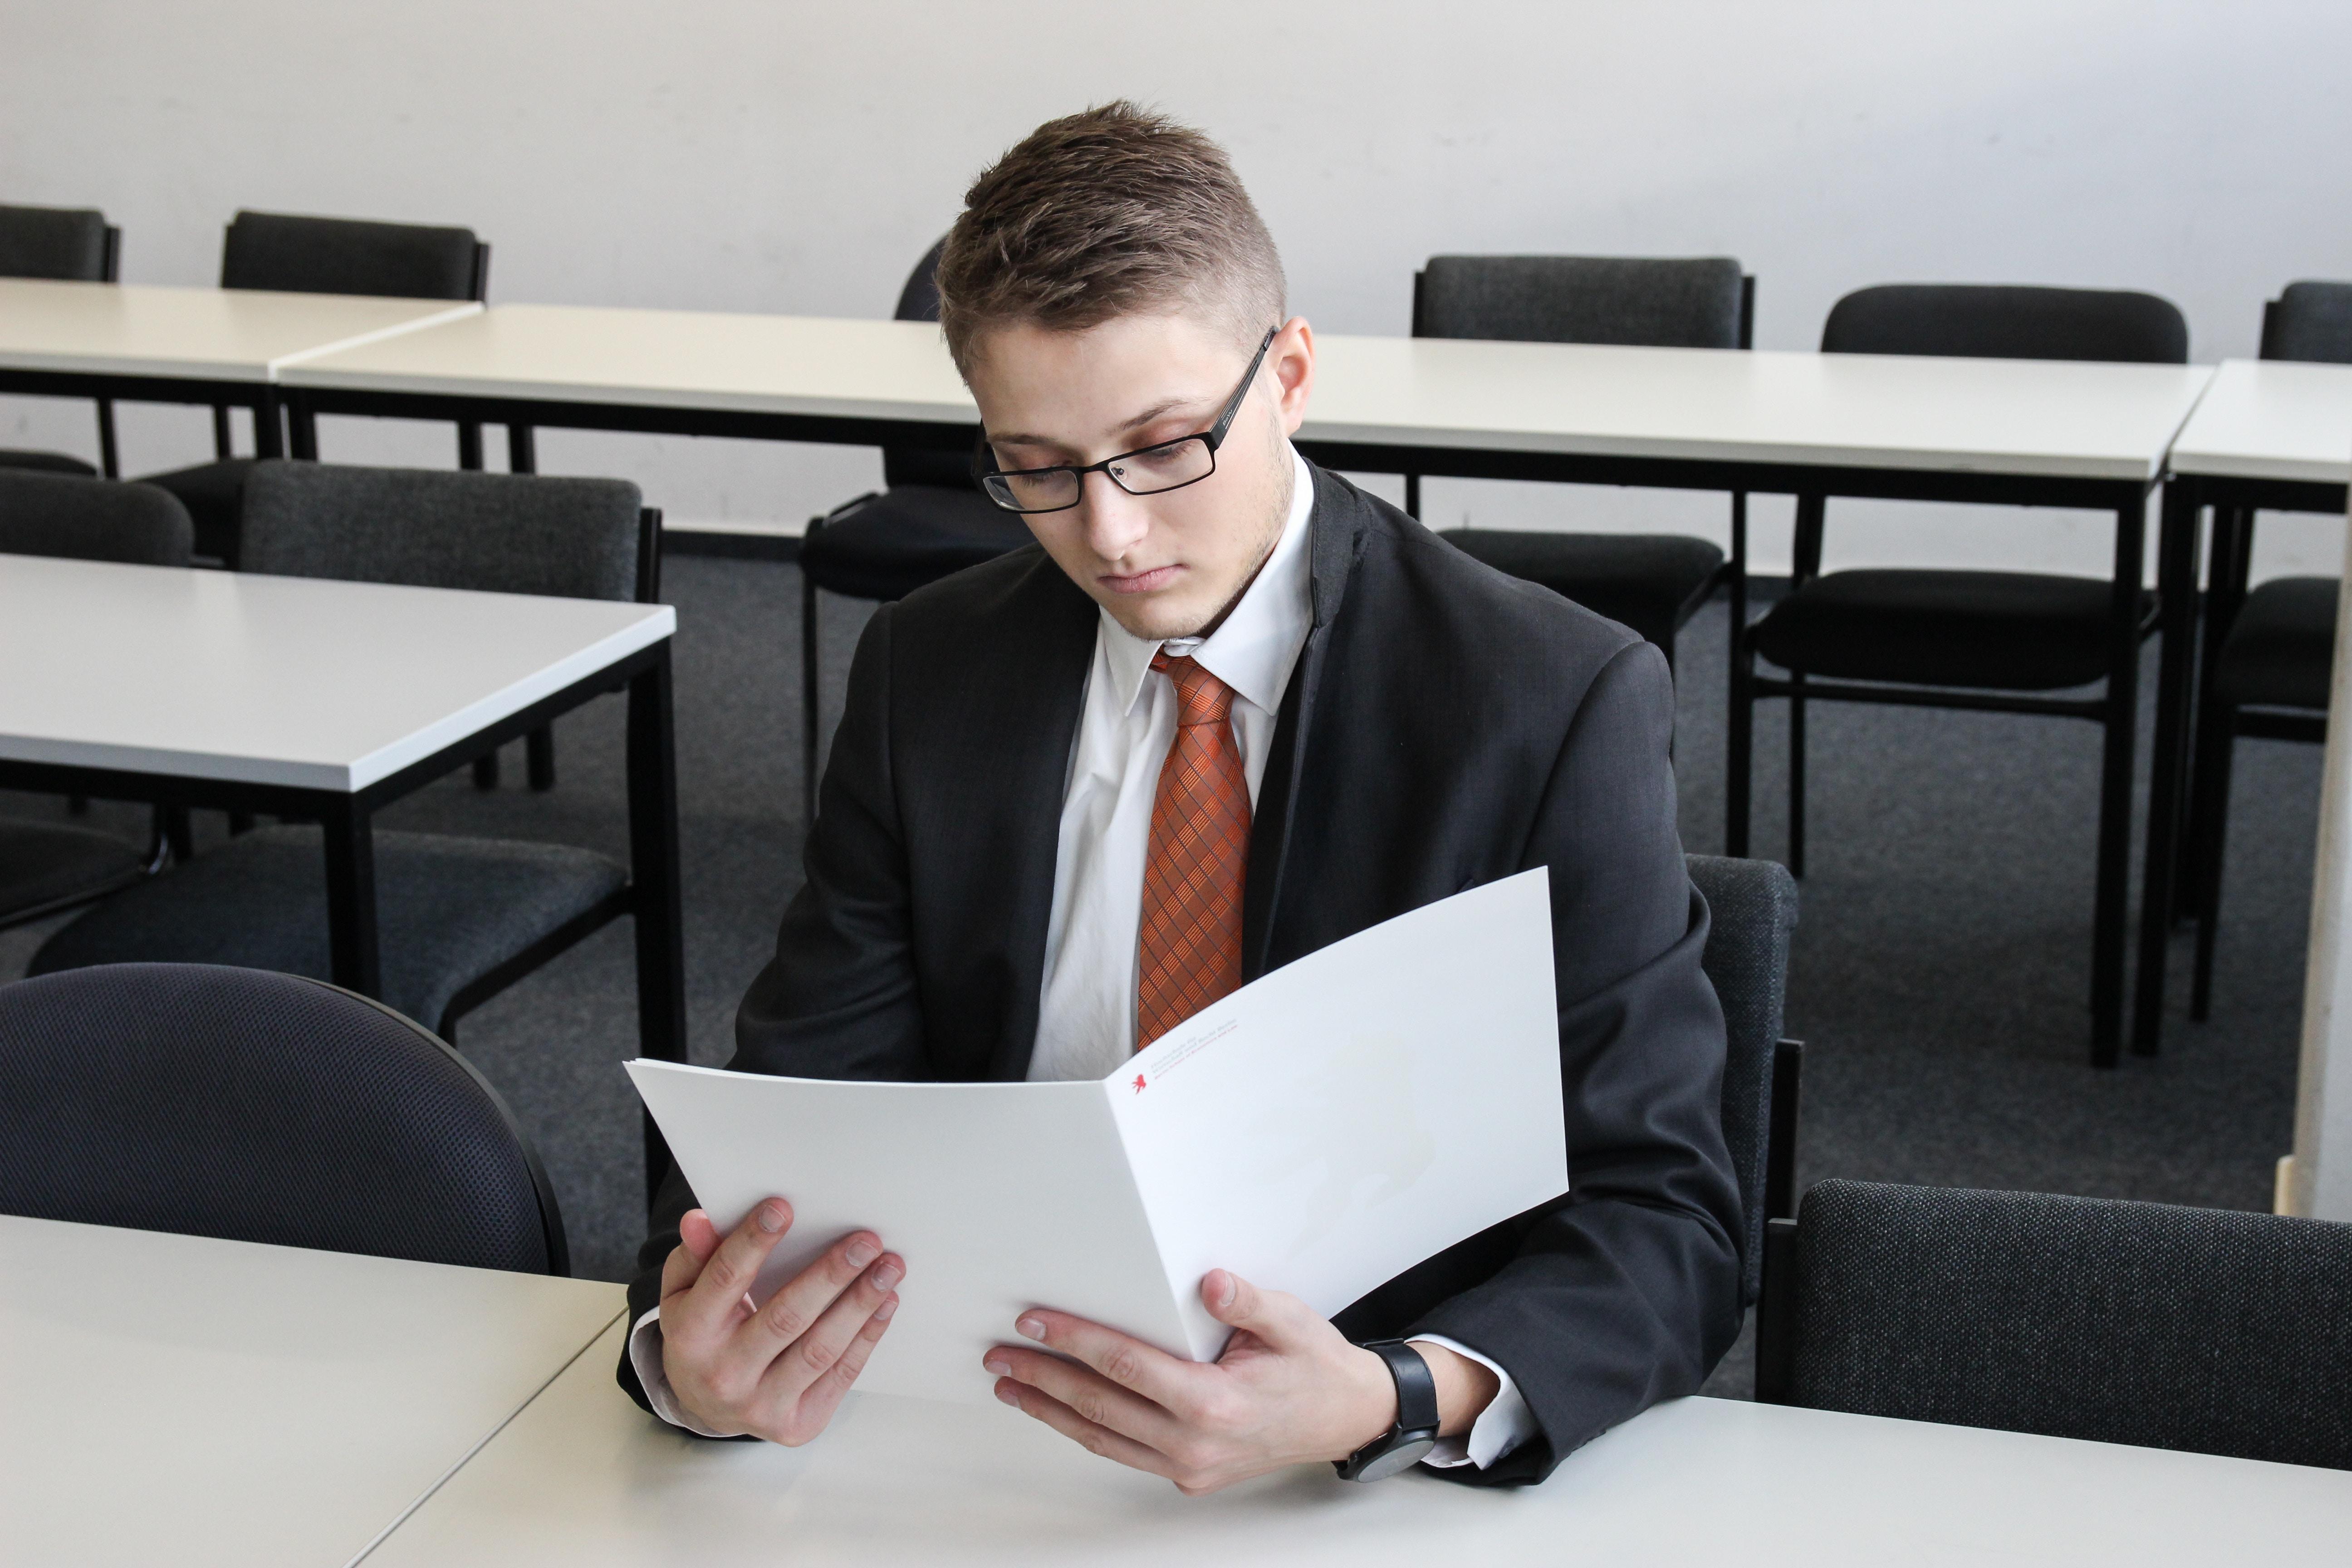 คำถามสัมภาษณ์งาน สัมภาษณ์งาน สมัครงาน หางาน